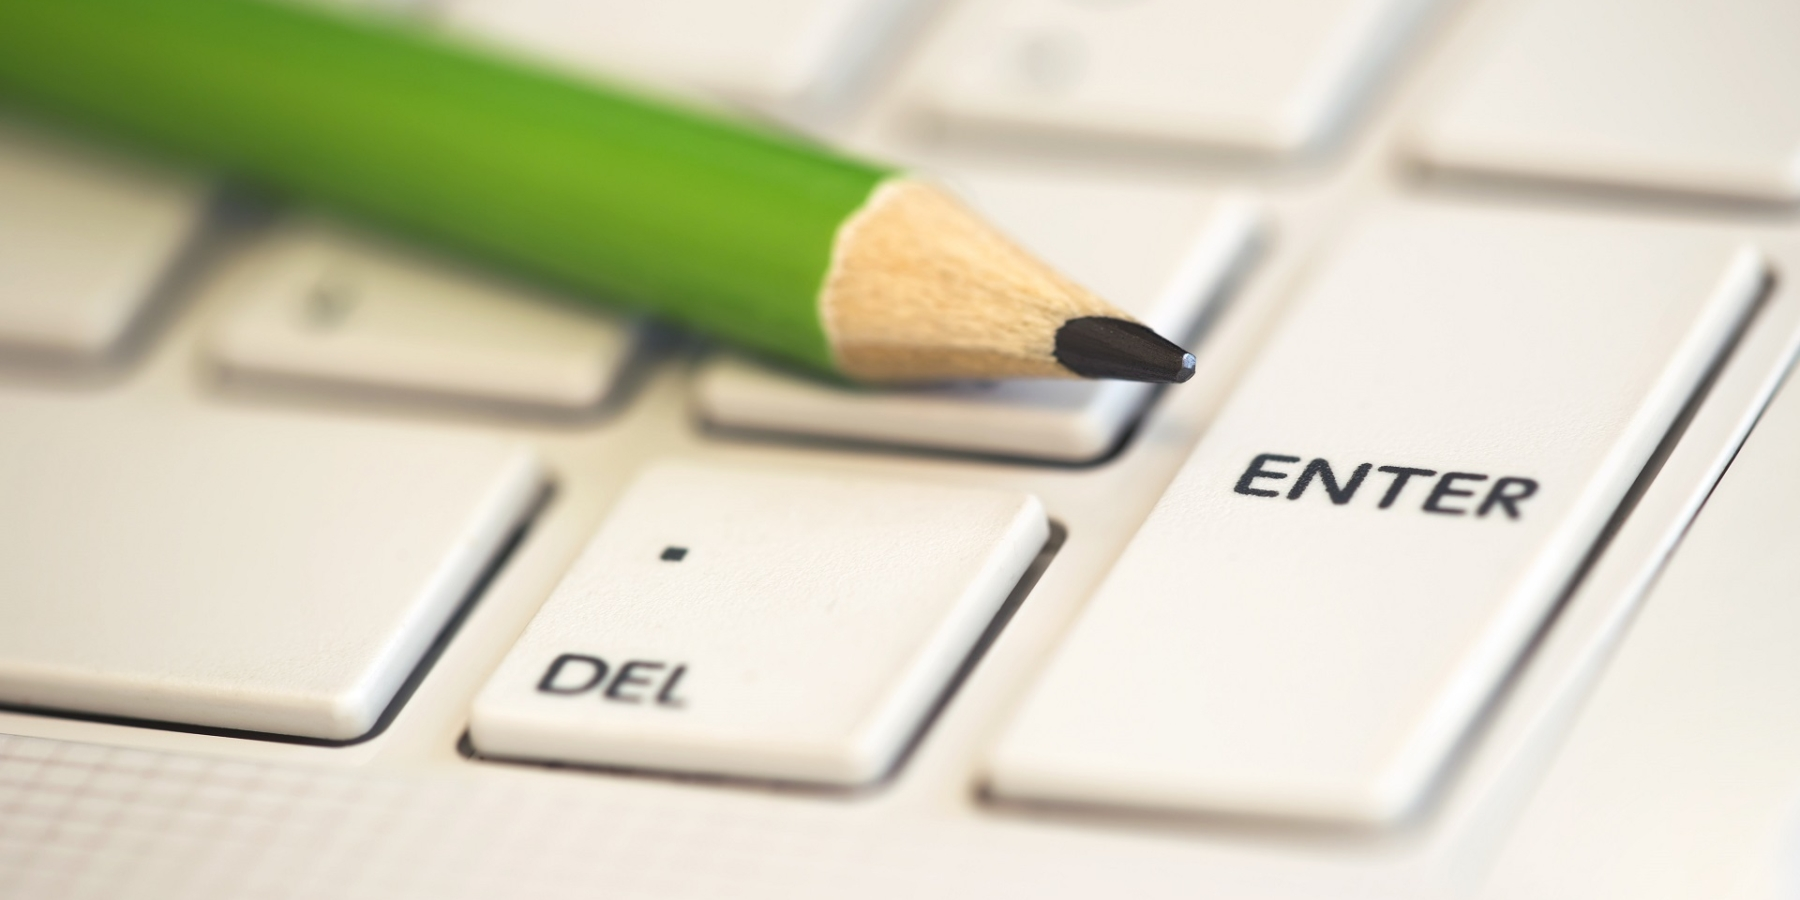 Szkolenia warsztatowe online czytradycyjne? Poznaj najważniejsze zalety!